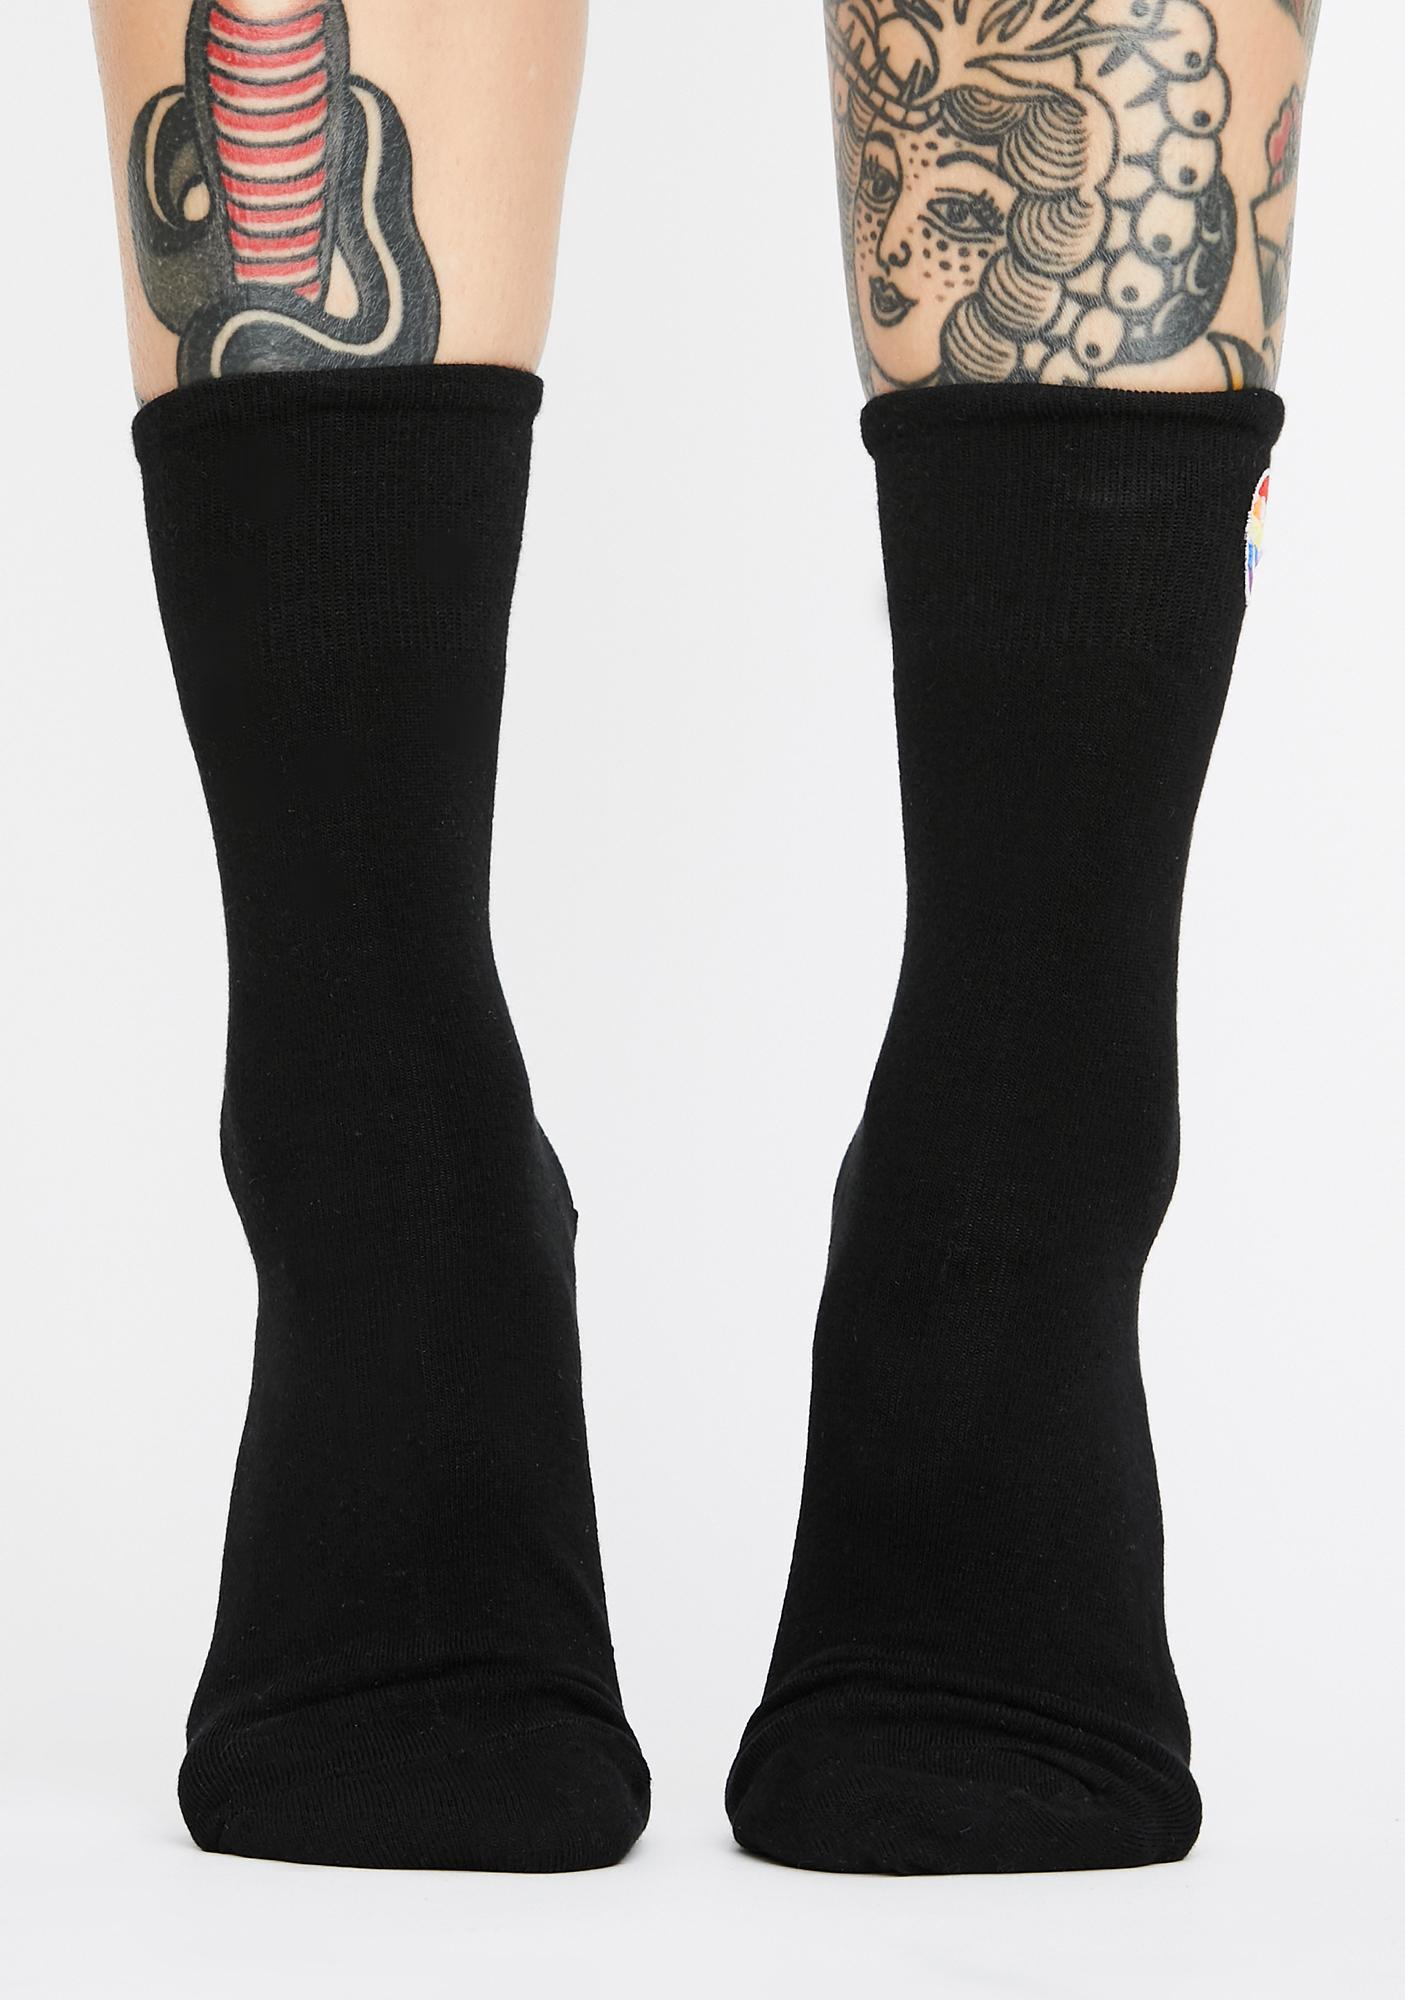 Twisted Revolt Crew Socks